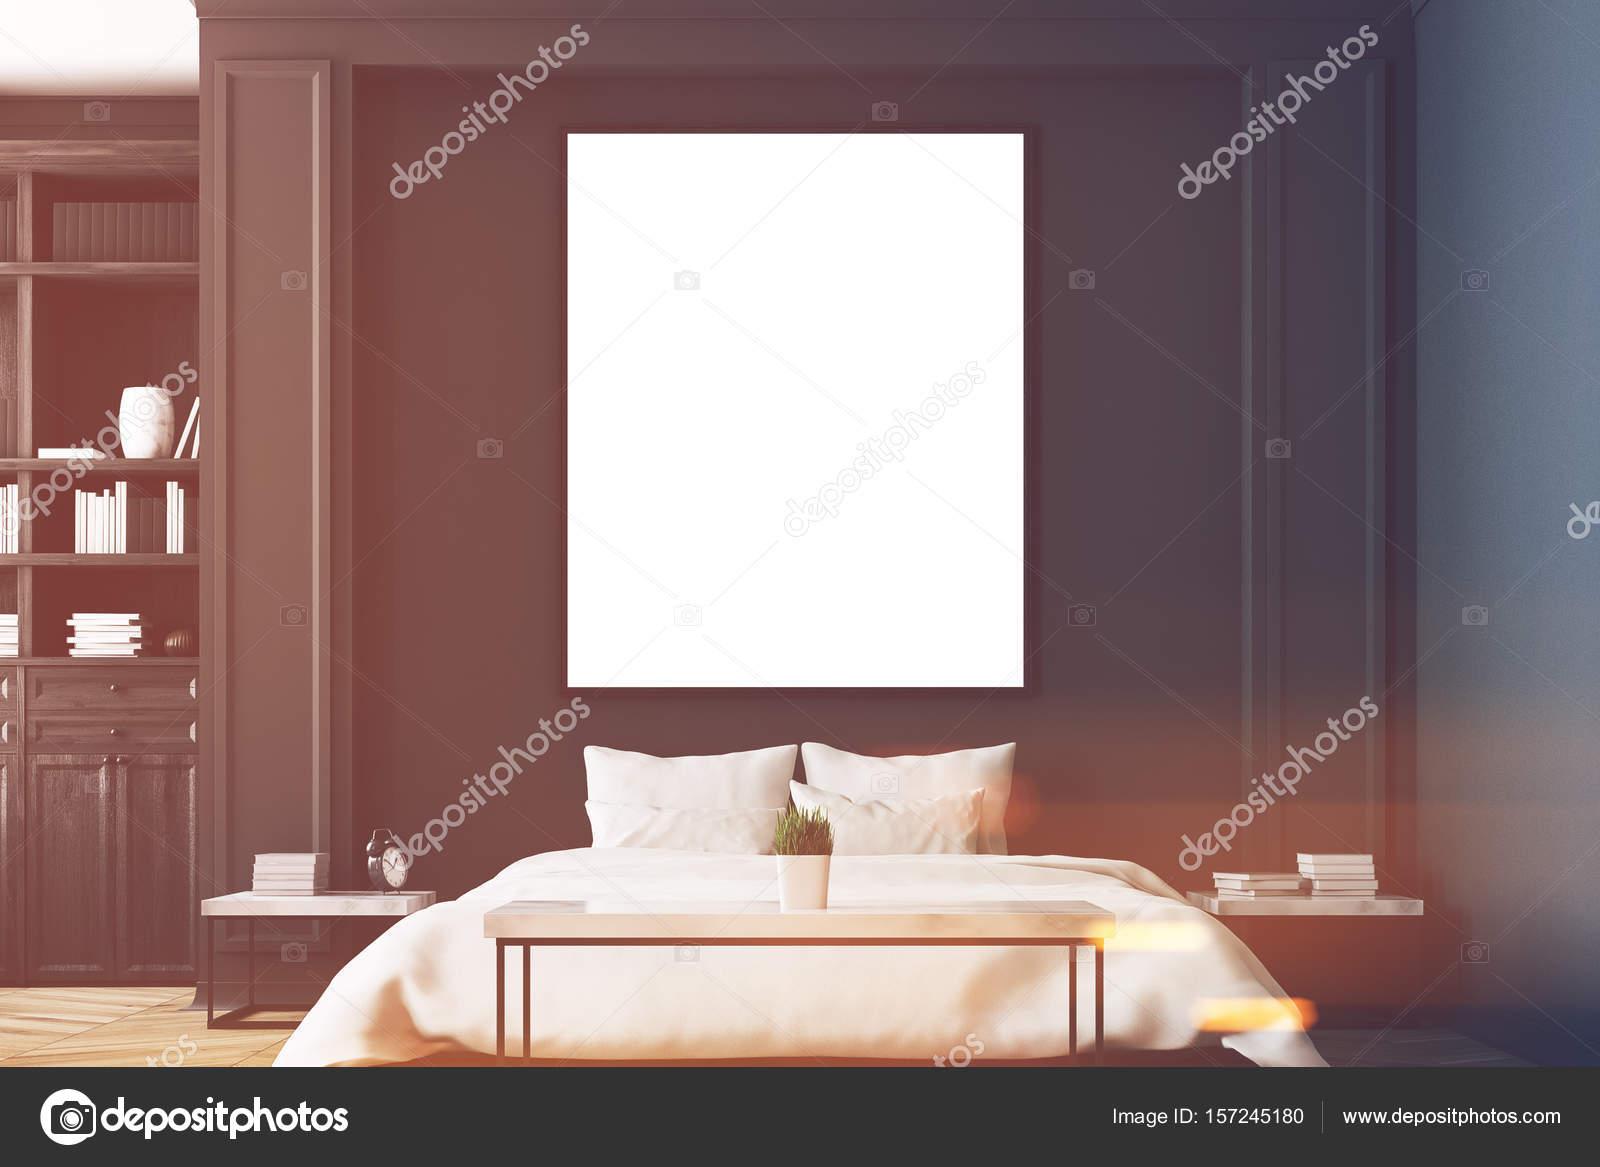 https://st3.depositphotos.com/2673929/15724/i/1600/depositphotos_157245180-stockafbeelding-zwarte-slaapkamer-interieur-poster-dicht.jpg